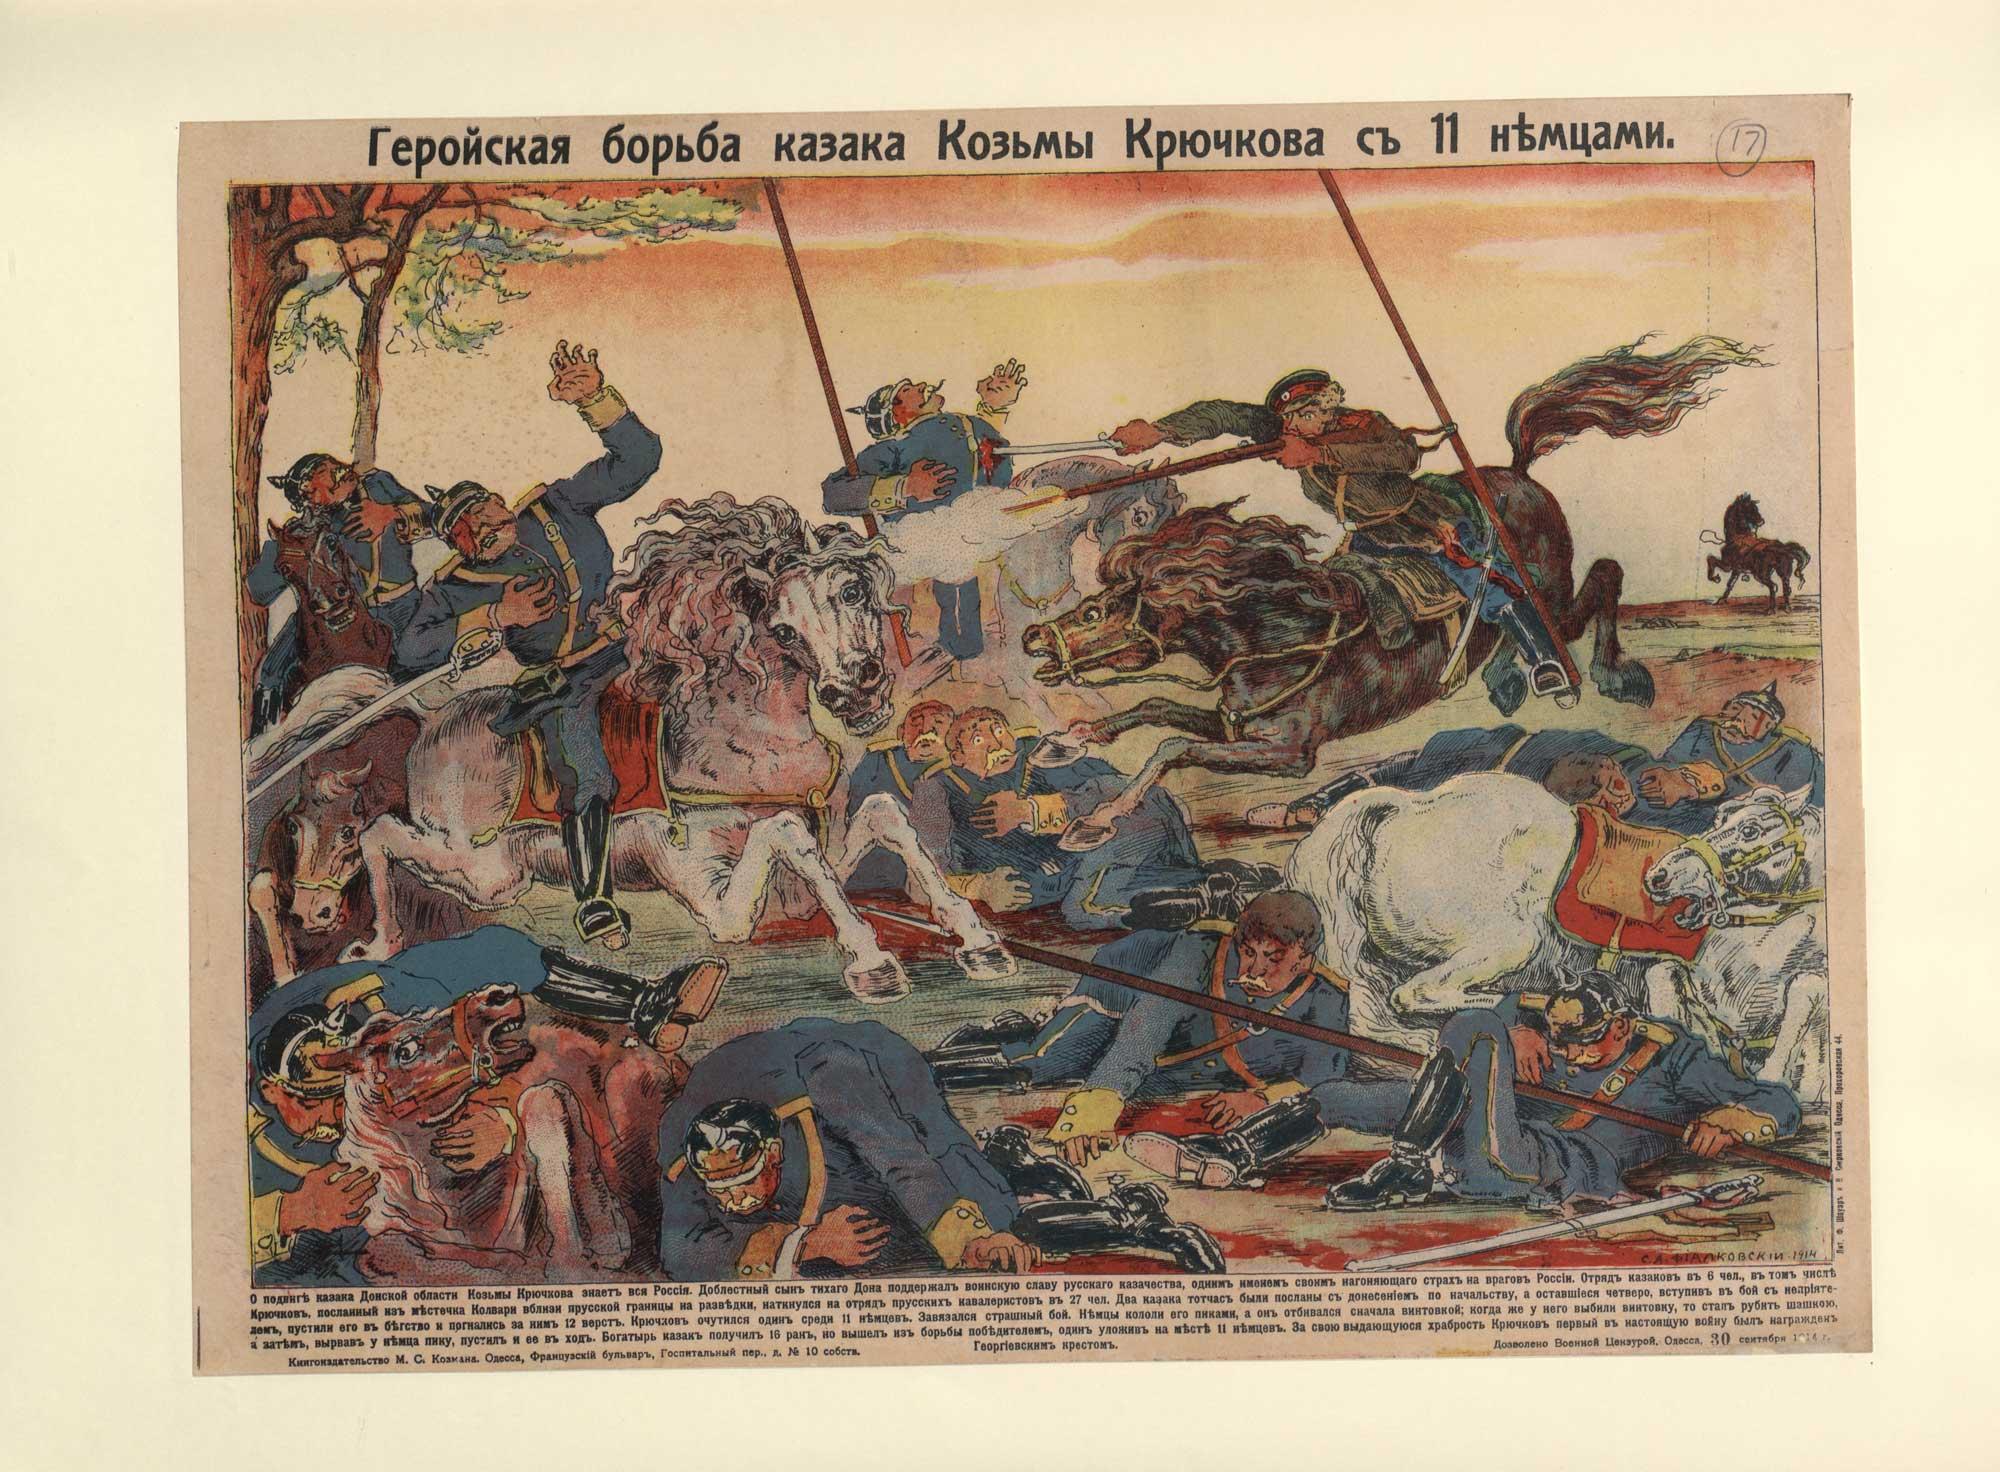 Propaganda in the Russian Revolution – The British Library - The